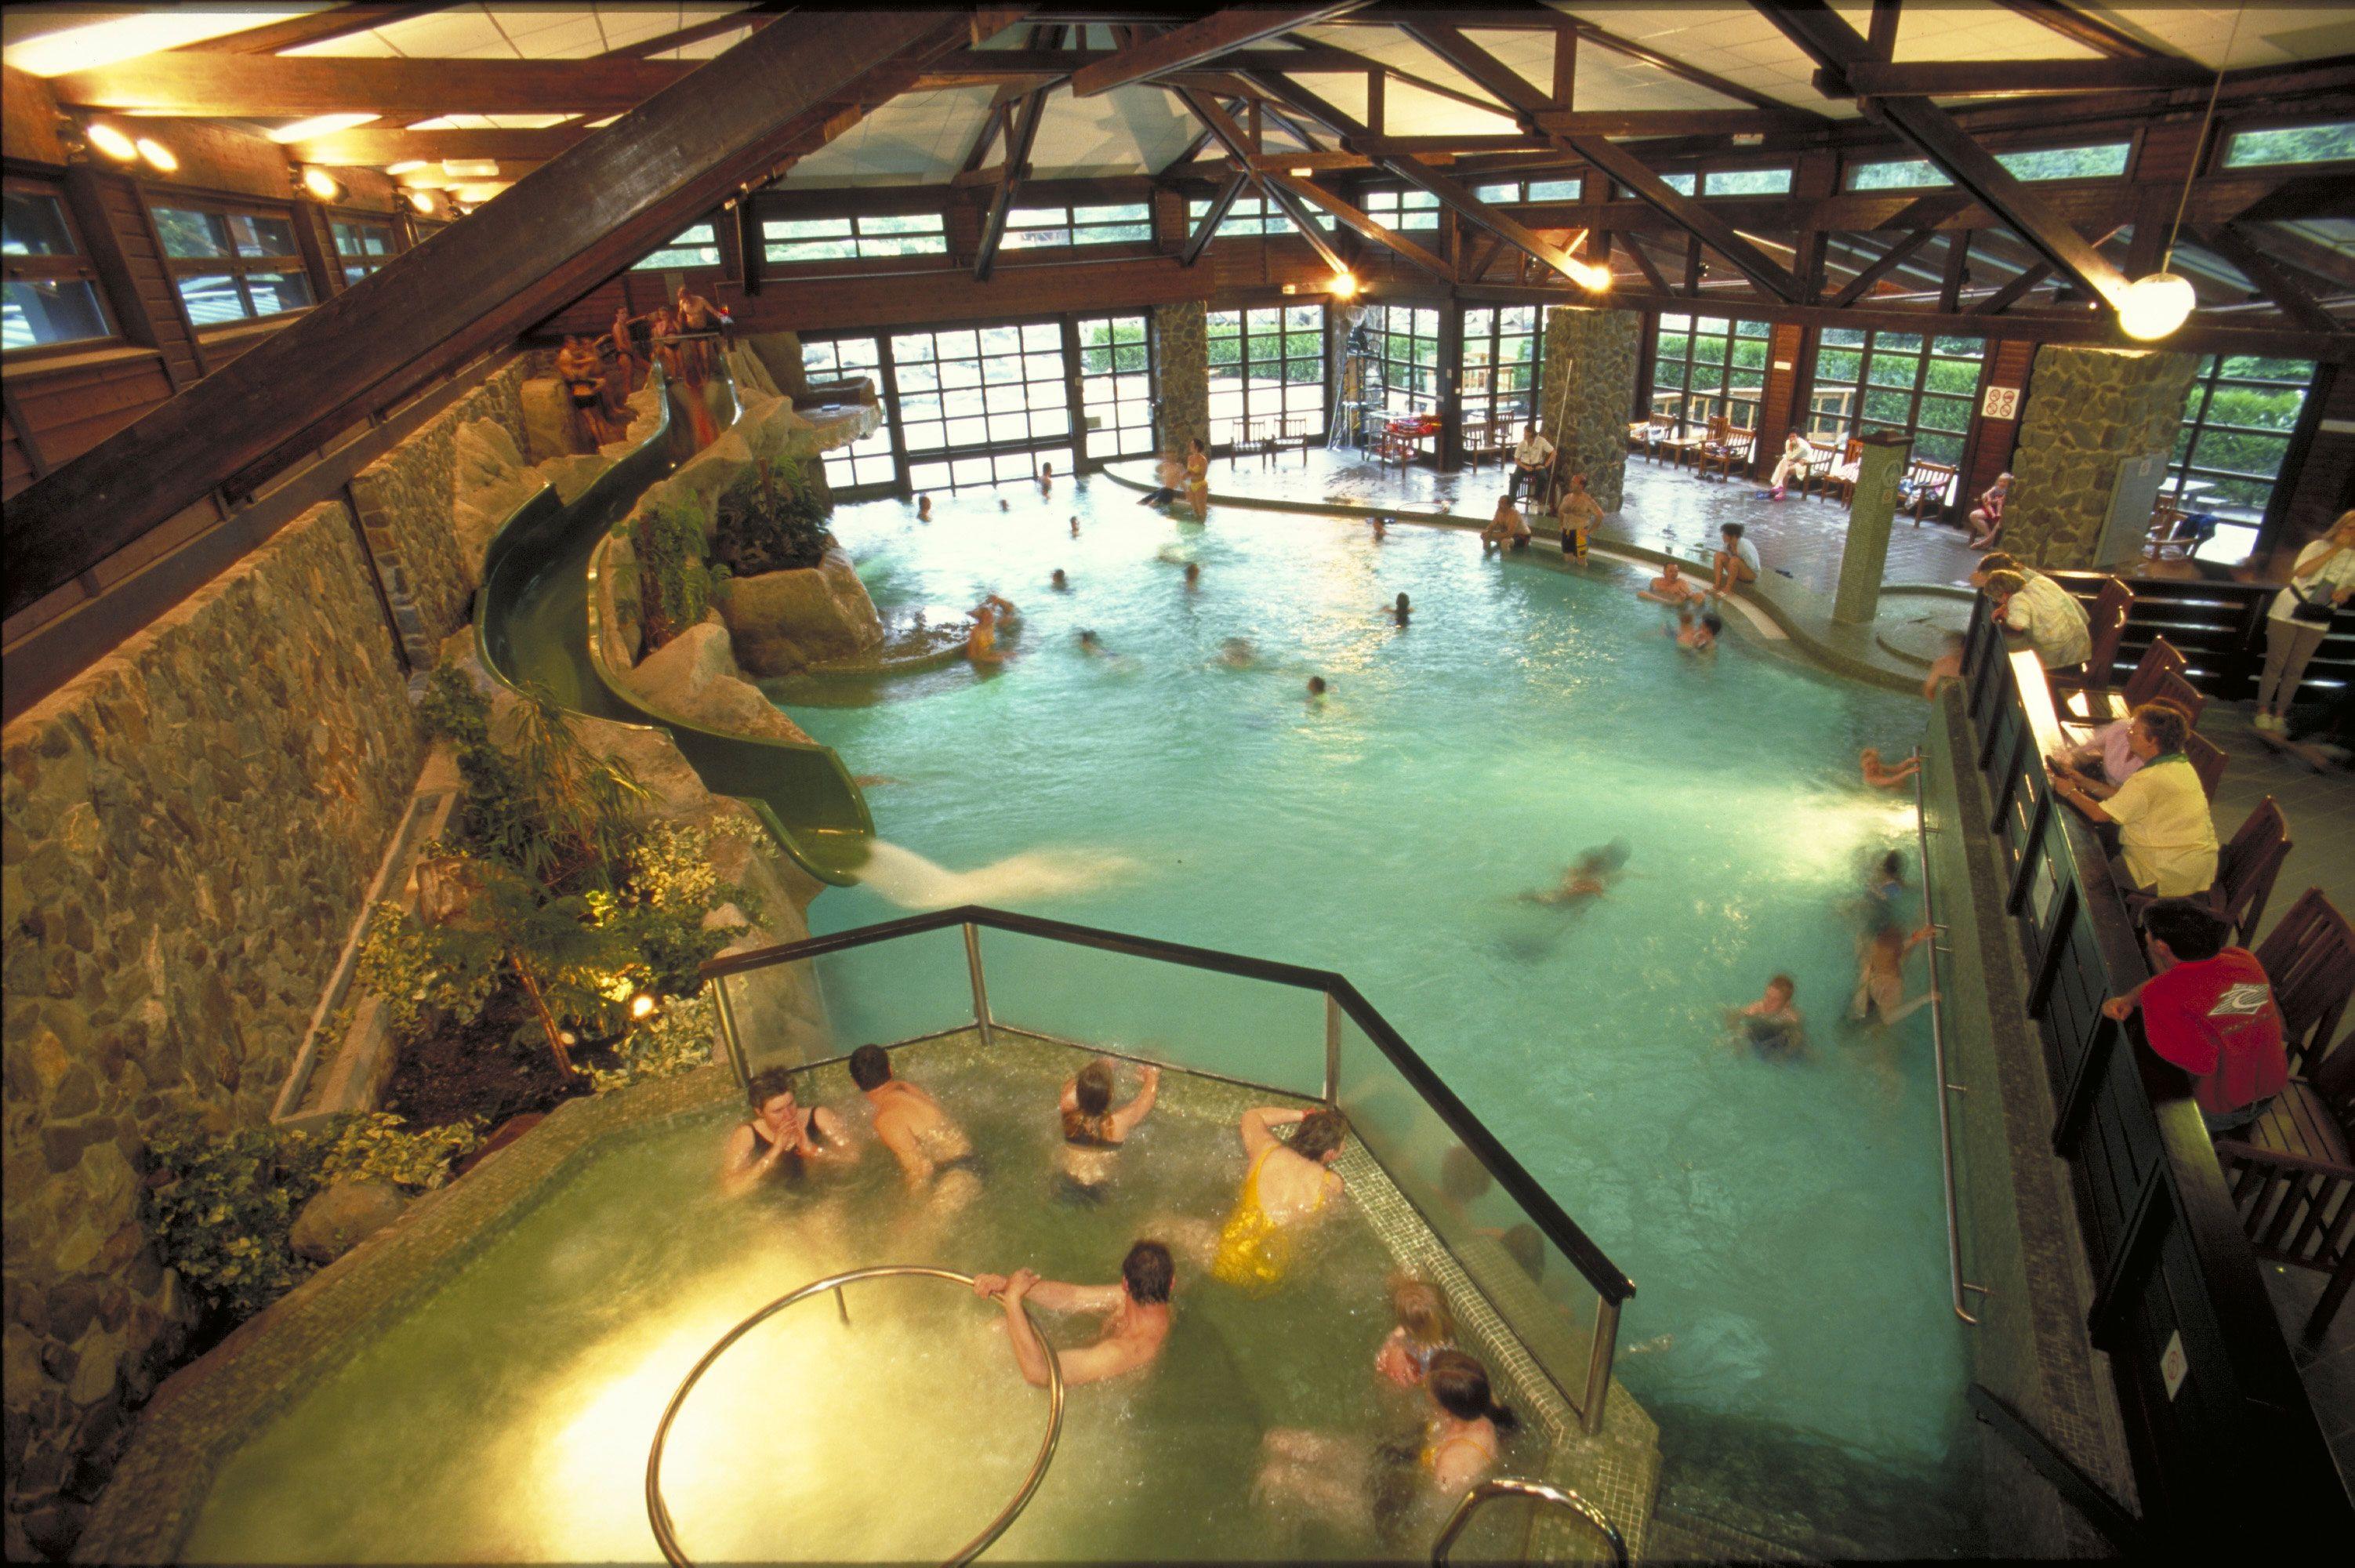 Disneyland Paris Sequoia Lodge Pool